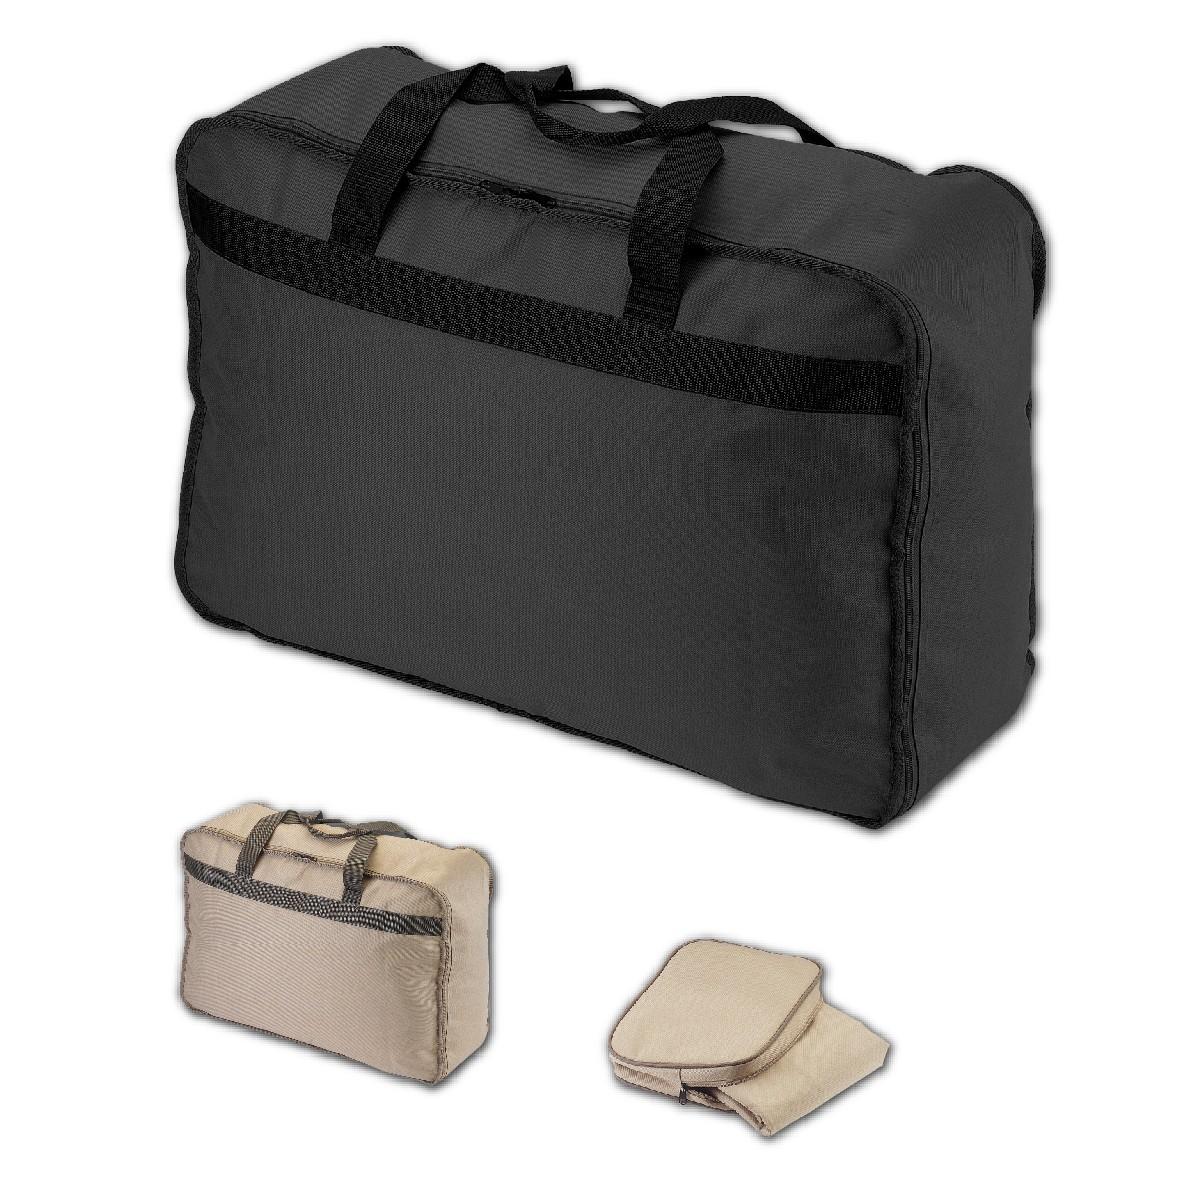 מזוודה רכה מתקפלת לנרתיק נשיאה